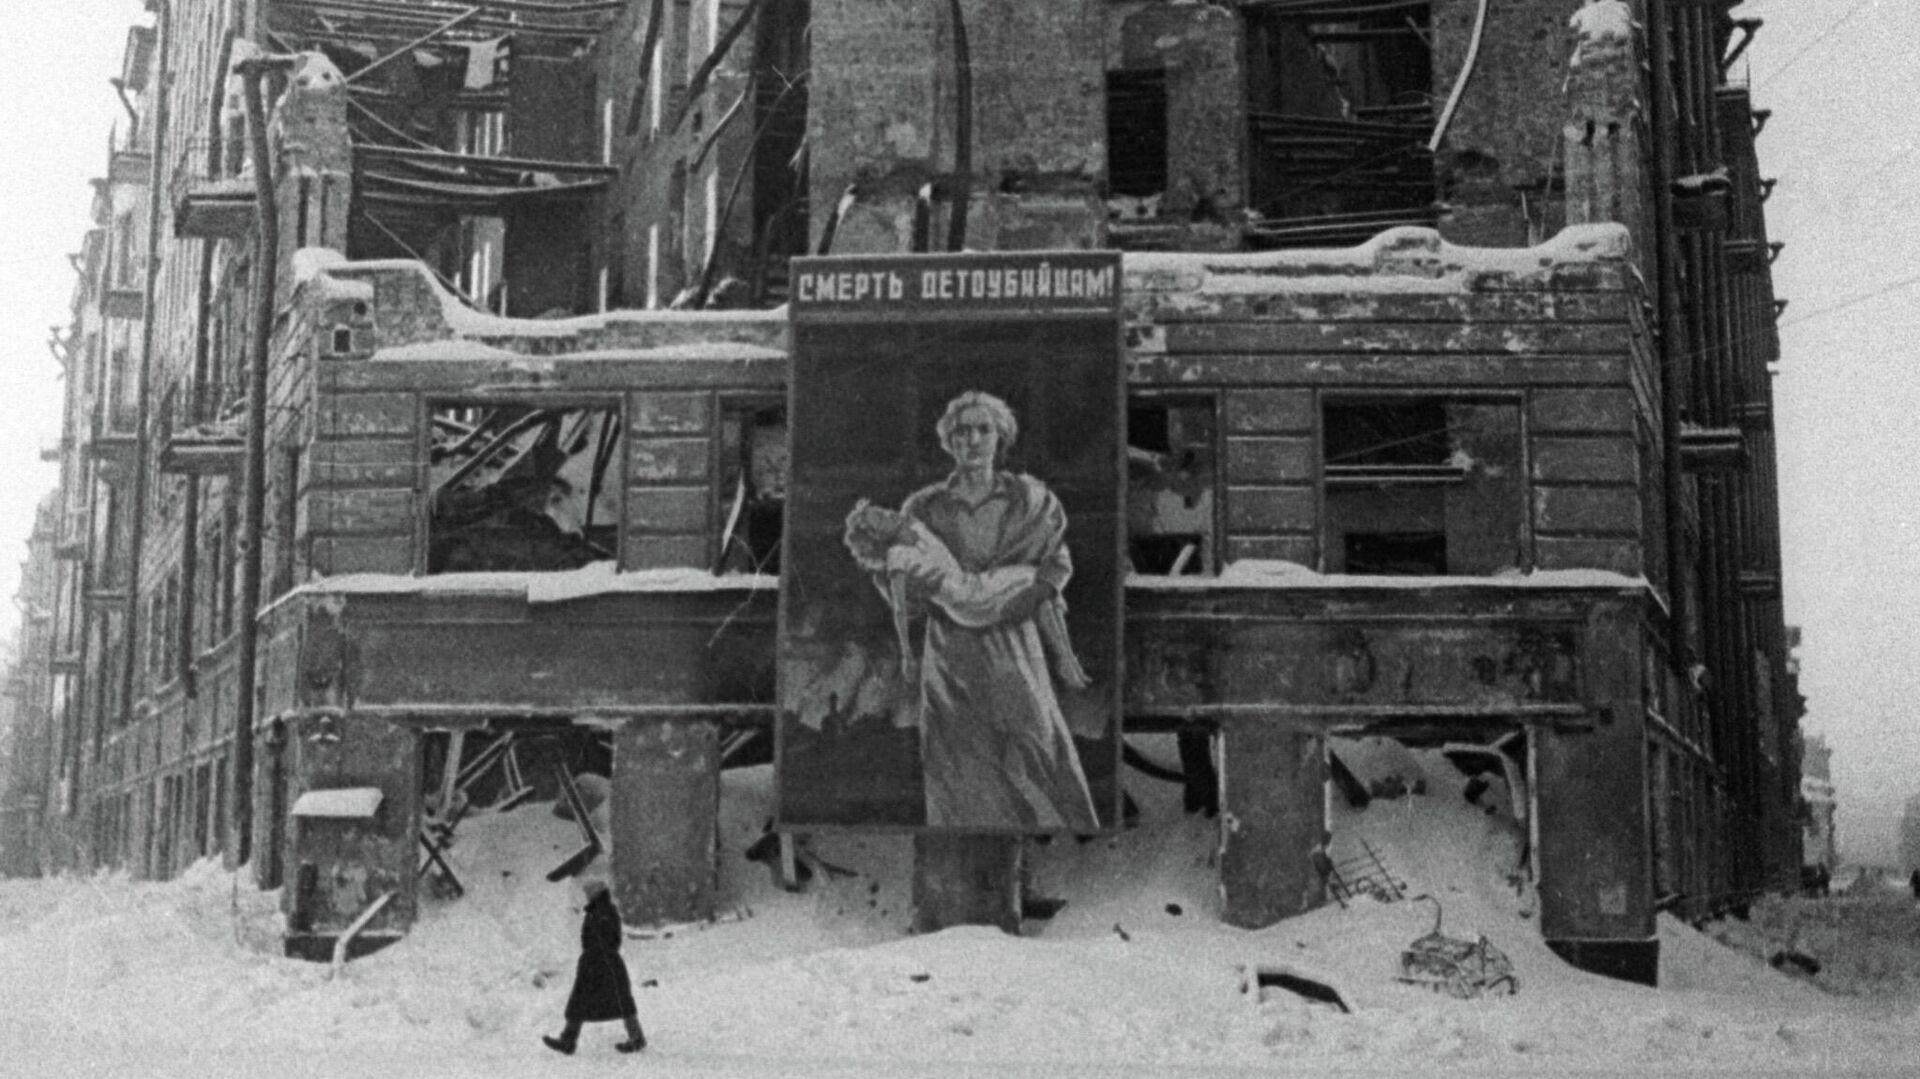 Разрушенный жилой дом на Лиговском проспекте в результате бомбежки Ленинграда. - Sputnik Узбекистан, 1920, 30.09.2021